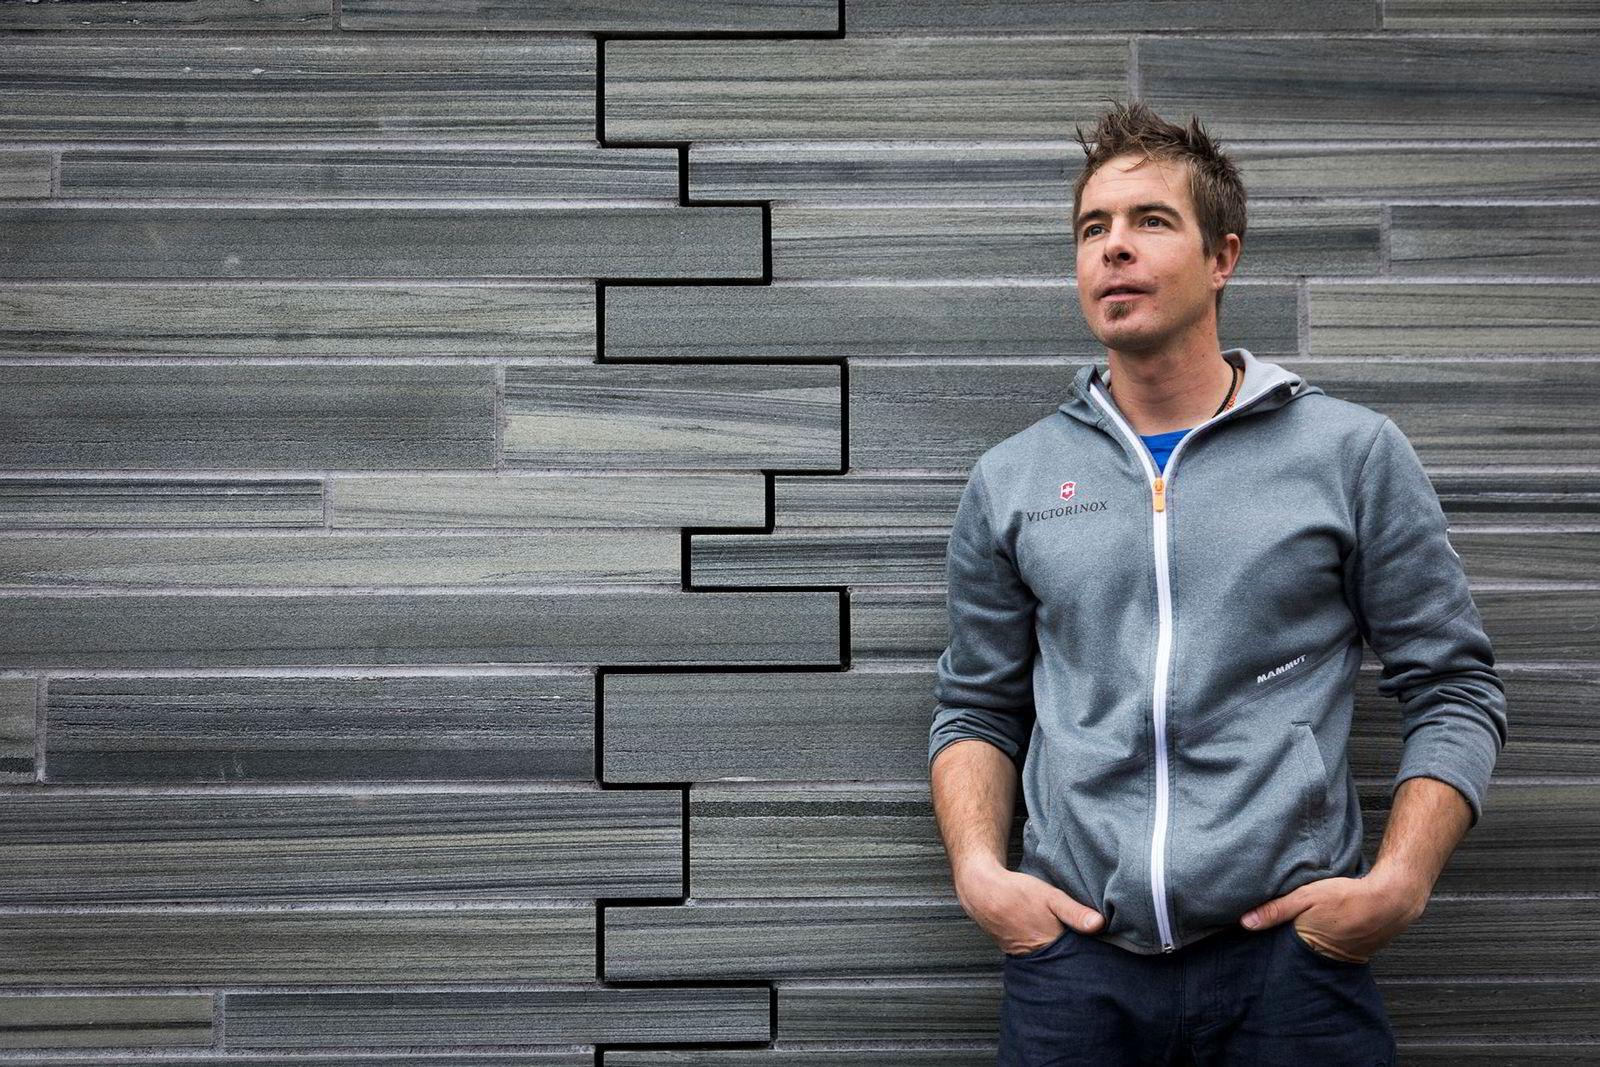 Dani Arnold er på jobb i Oslo og Hemsedal for sin klessponsor. Sveitseren har testet grensene med fartsrekorder i Alpene, men mener klatringen er innenfor hans komfortgrenser.